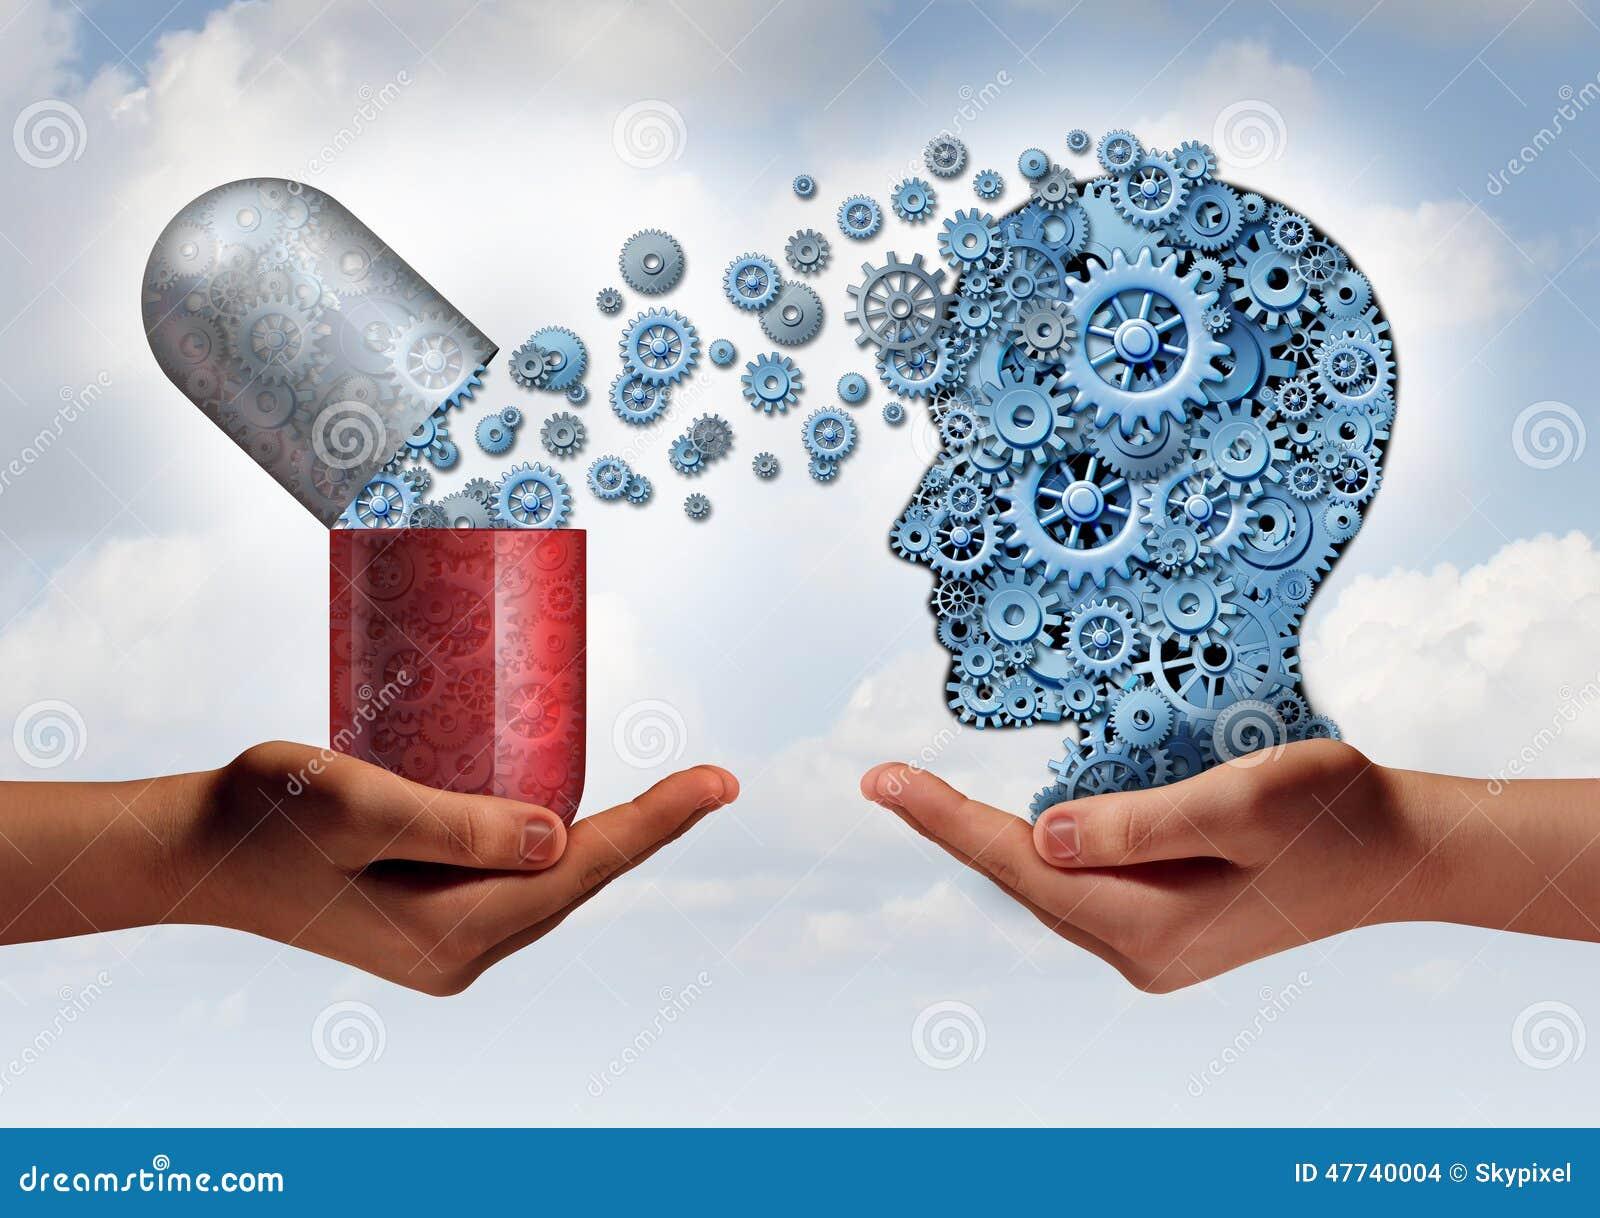 Brain Mredicine